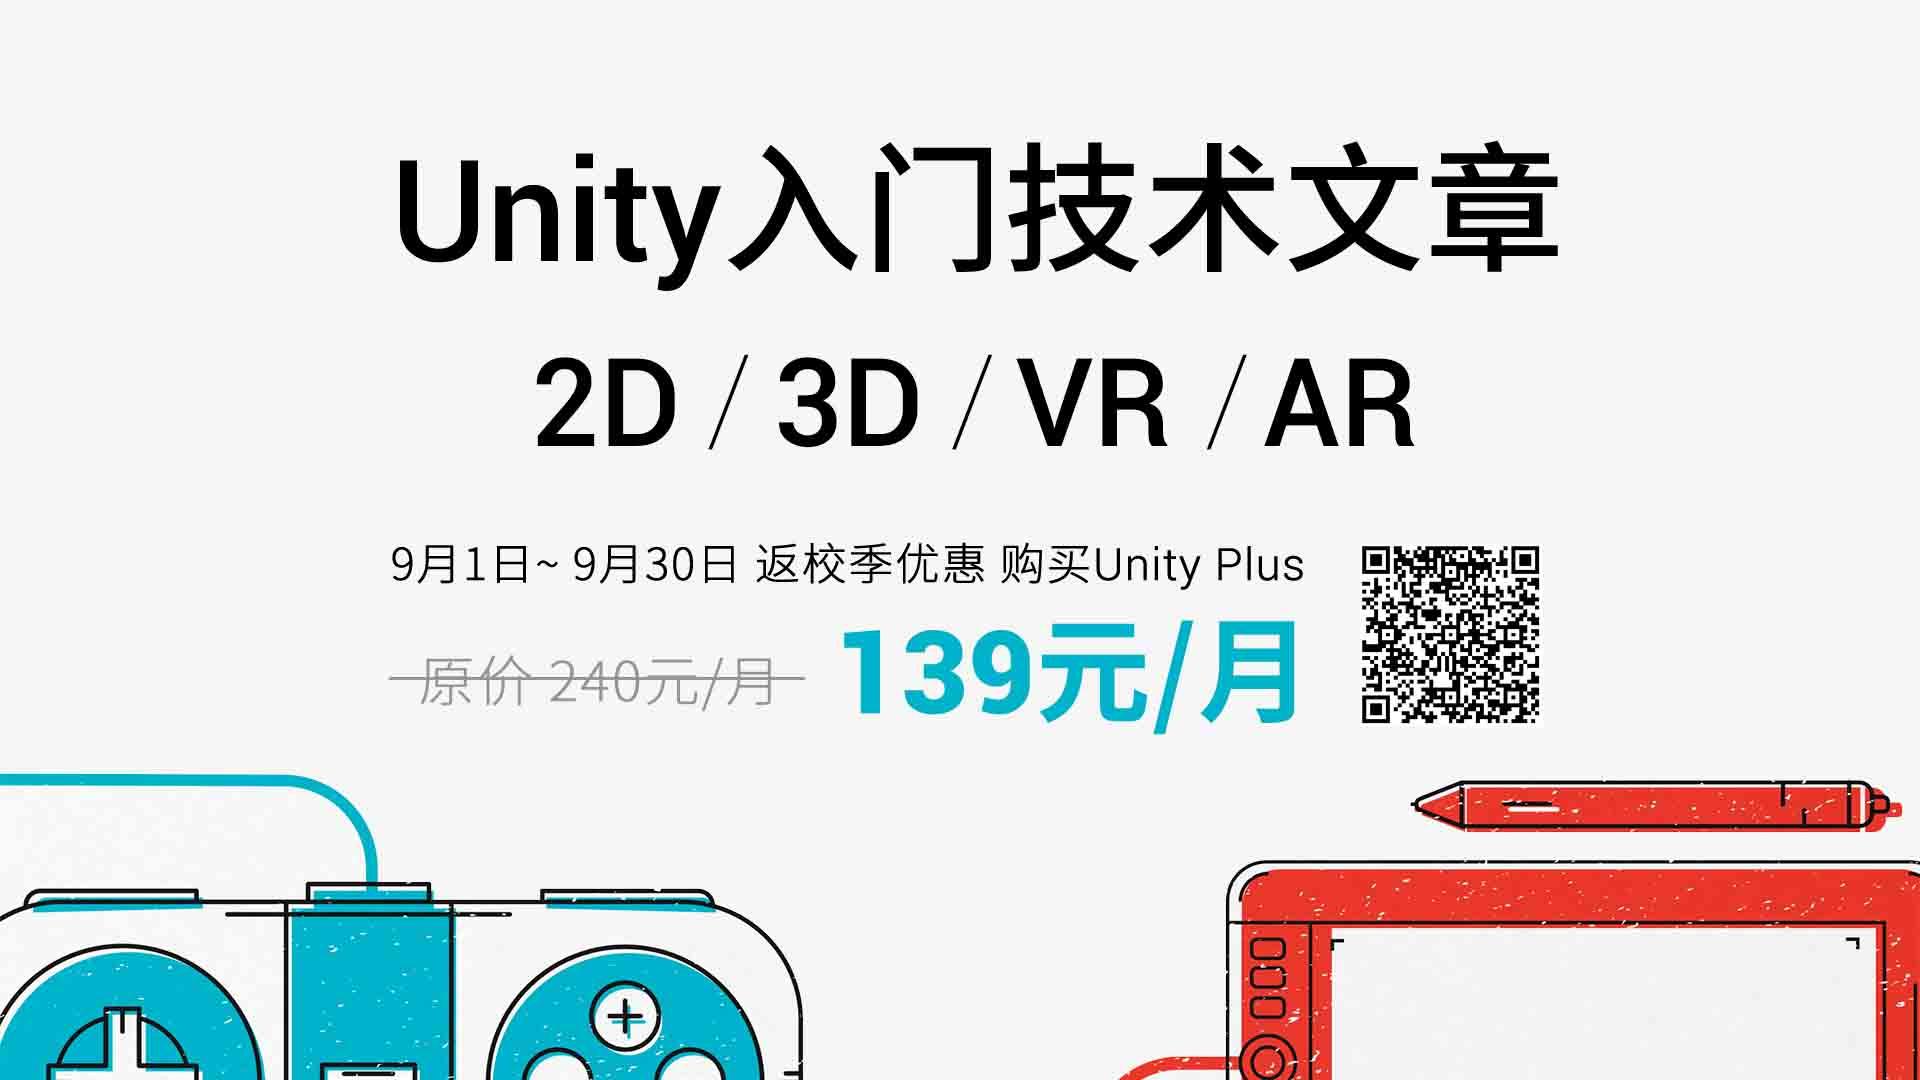 [干货]Unity入门系列技术文章